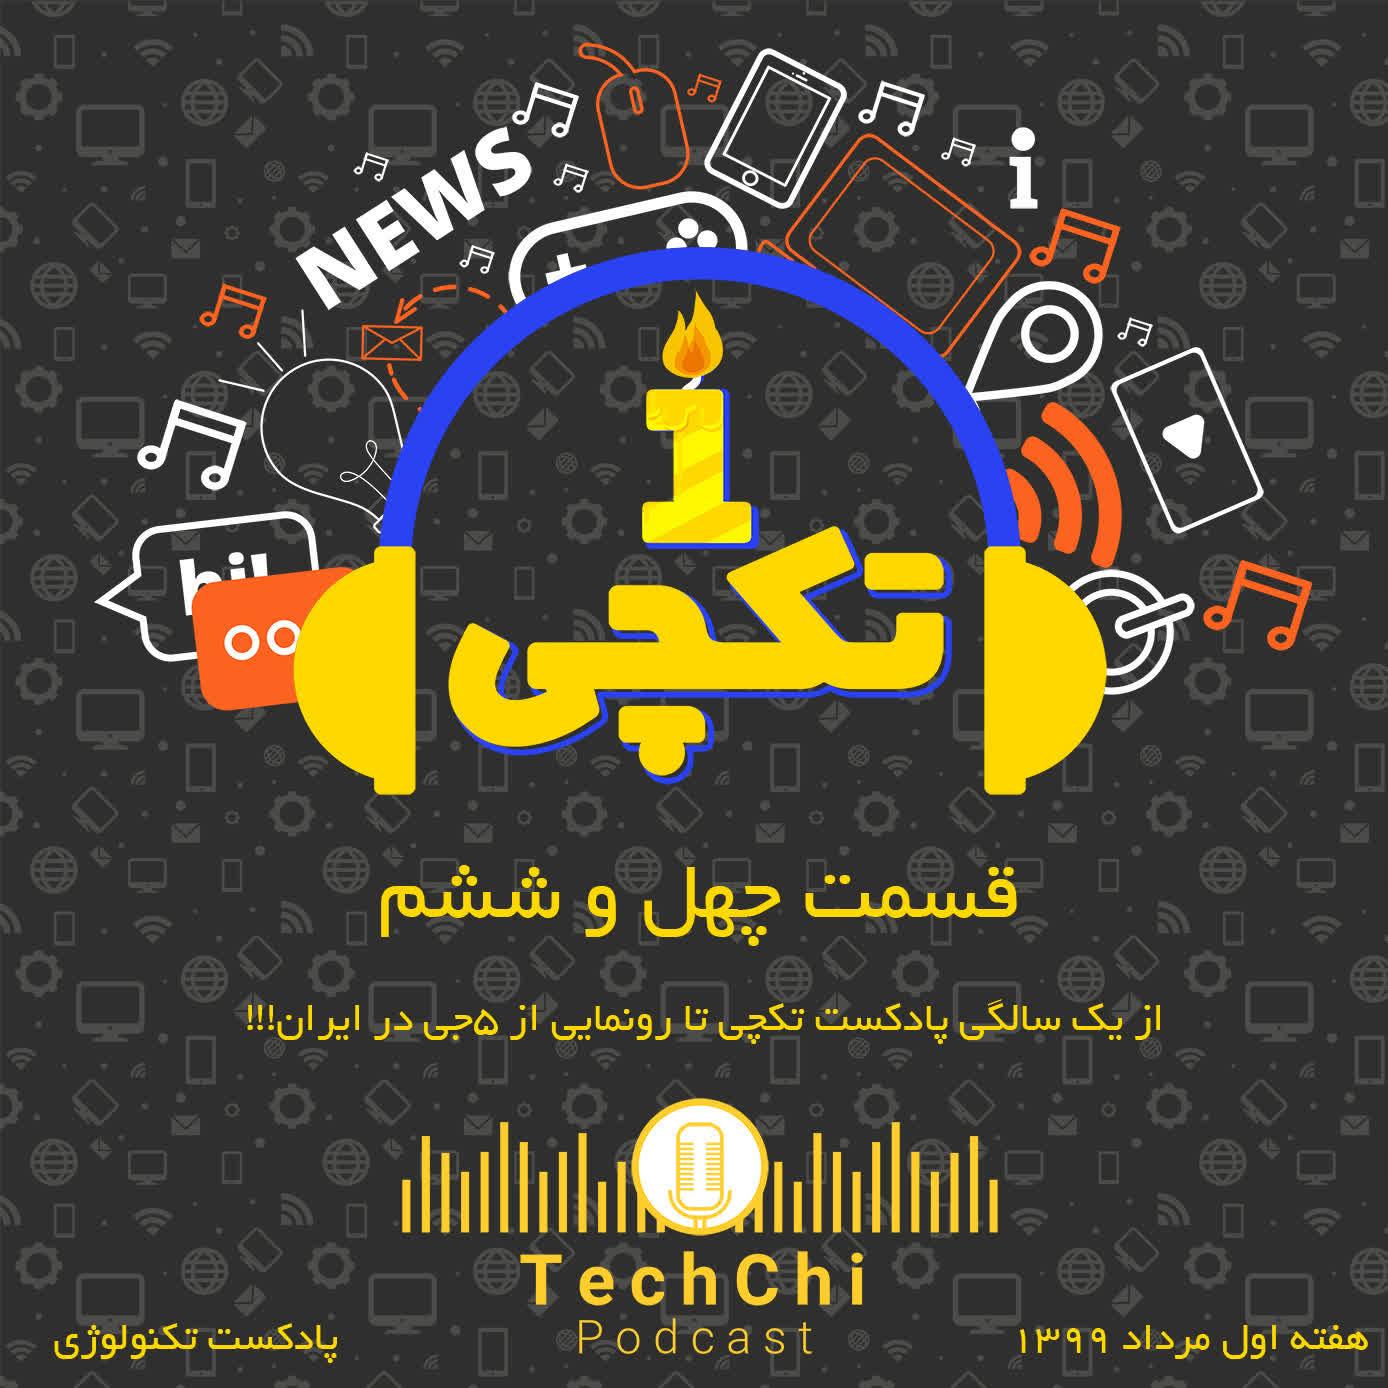 تکچی 46 - از یک سالگی پادکست تکچی تا رونمایی از 5جی در ایران!